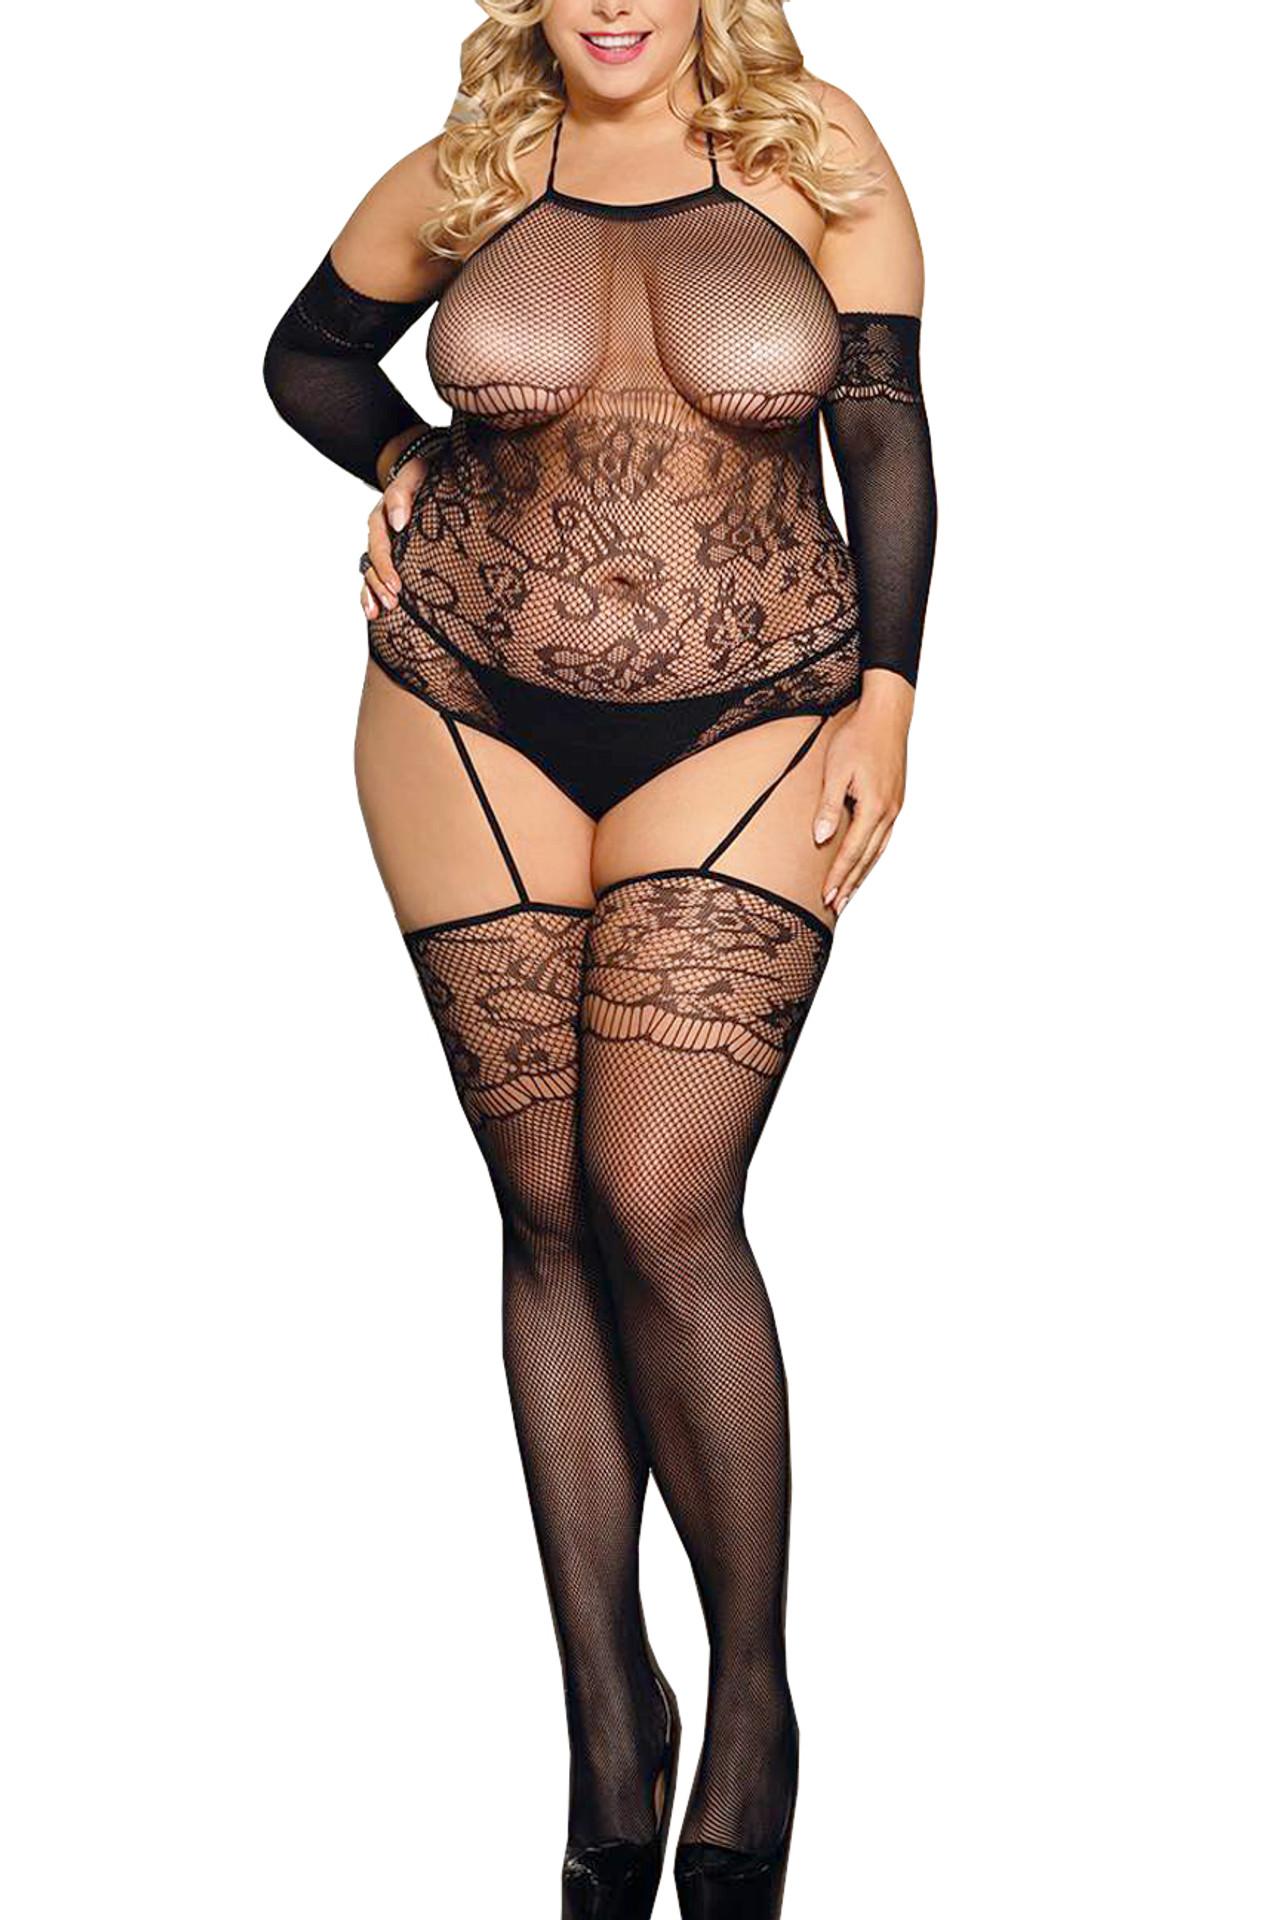 Jasmine Garter Teddy Body Stockings Plus Size